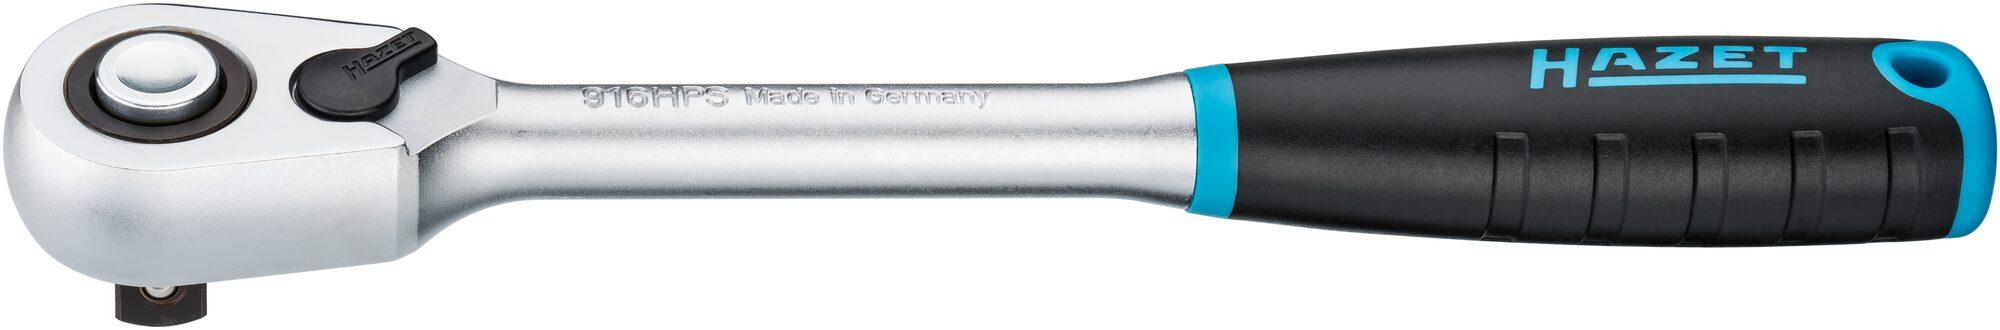 HAZET HiPer Feinzahn-Umschaltknarre 916HPS ∙ Vierkant massiv 12,5 mm (1/2 Zoll)